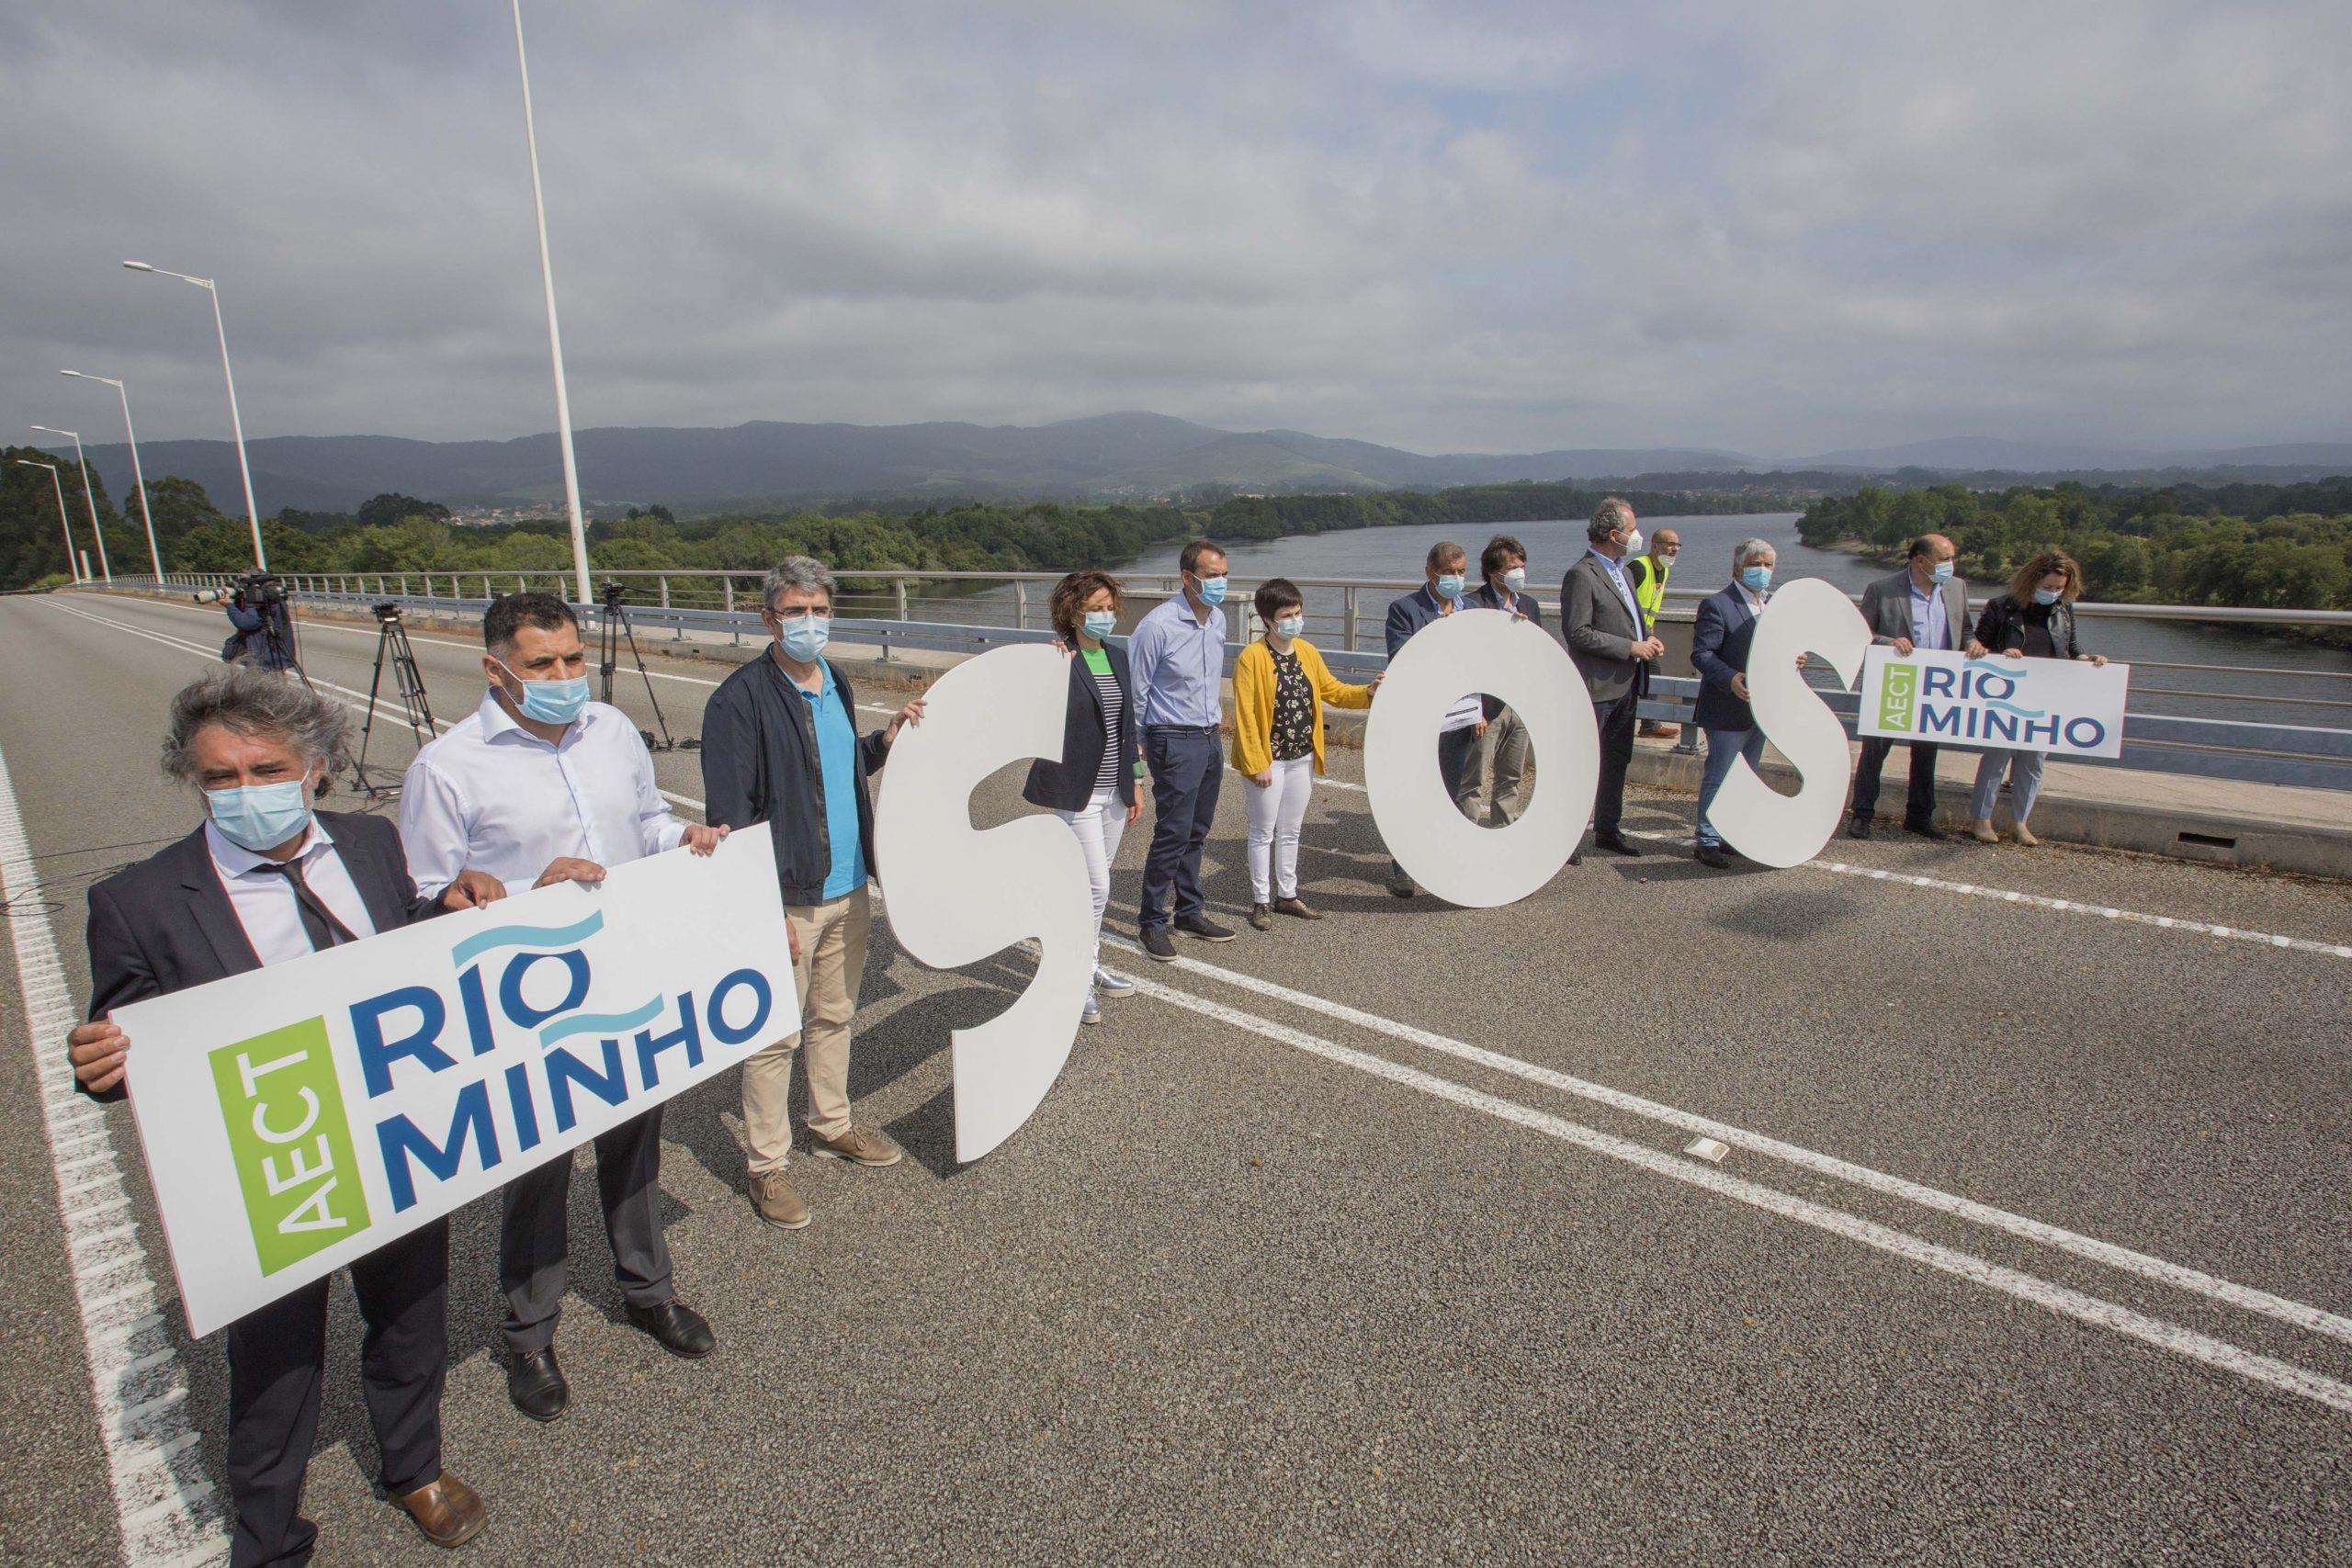 O AECT Rio Minho avisa que o encerramento das fronteiras de Portugal não deve repetir o erro de dificultar a movimentação transfronteiriça de trabalhadores